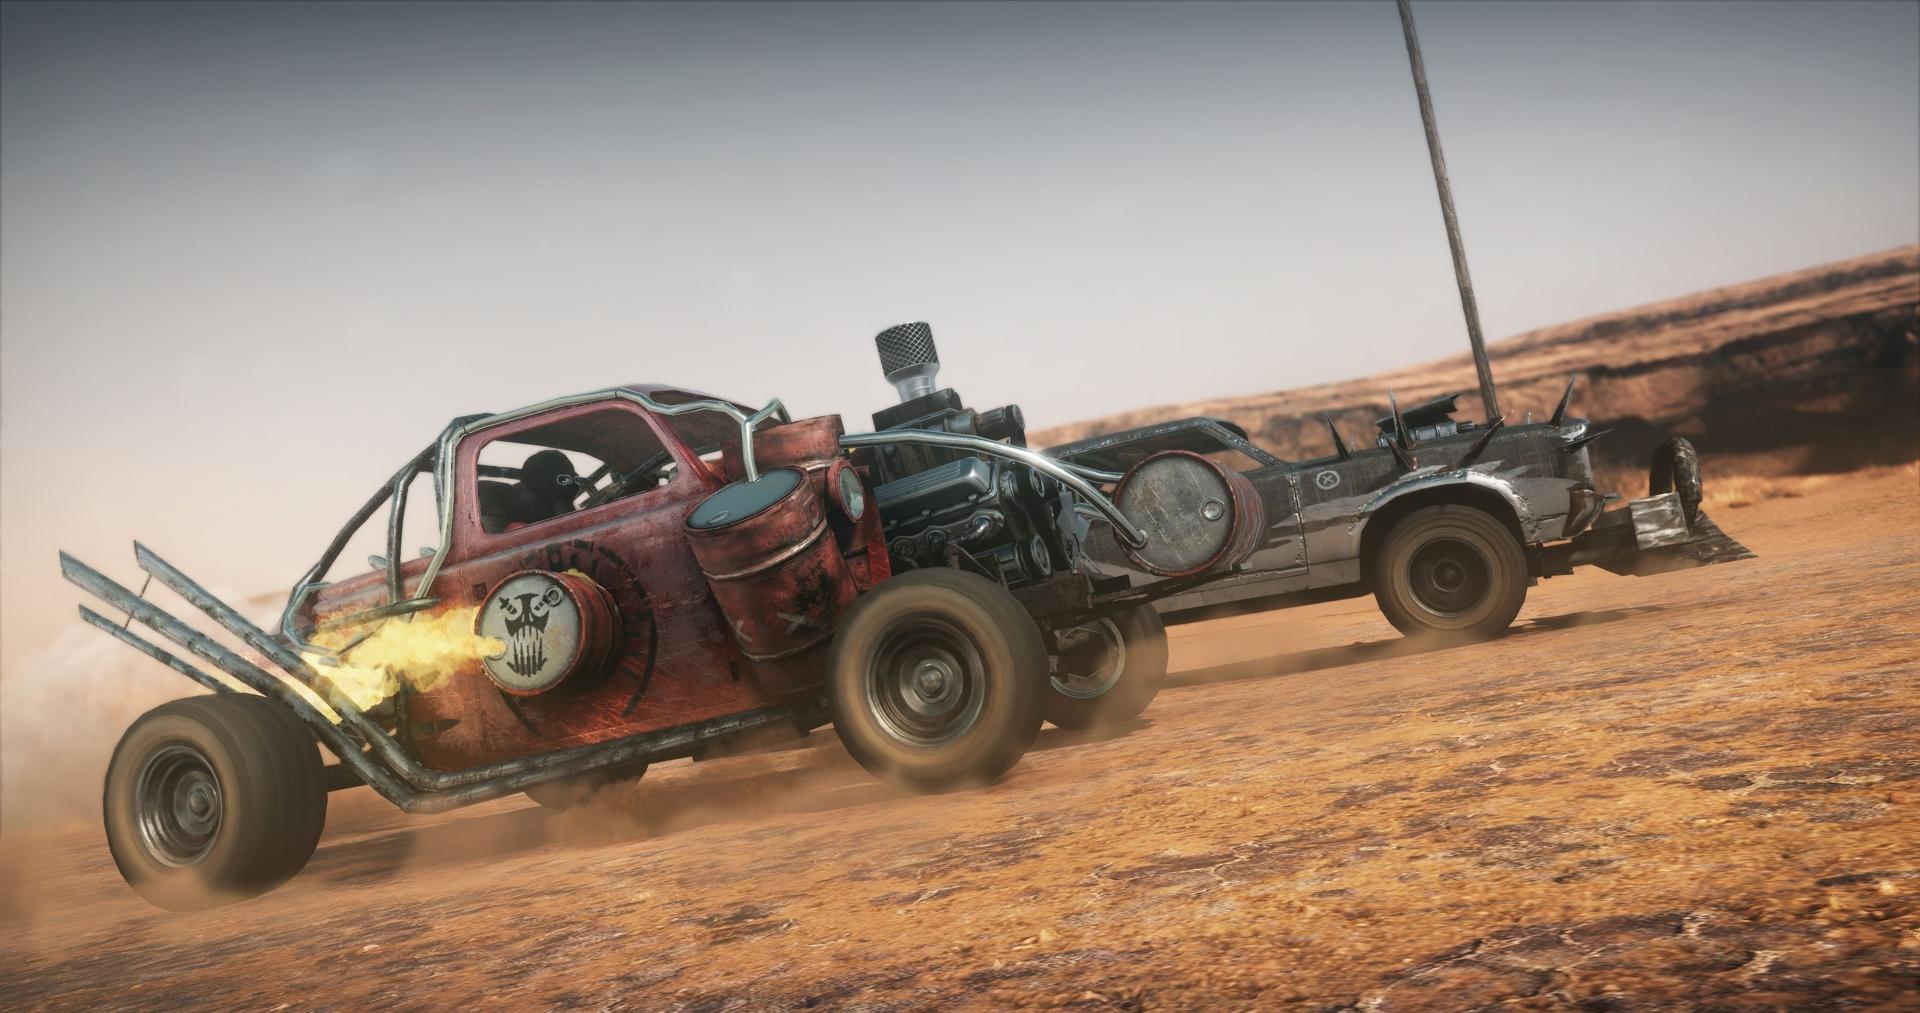 Obrazem: Post-apokalyptická pustina z akce Mad Max 108274